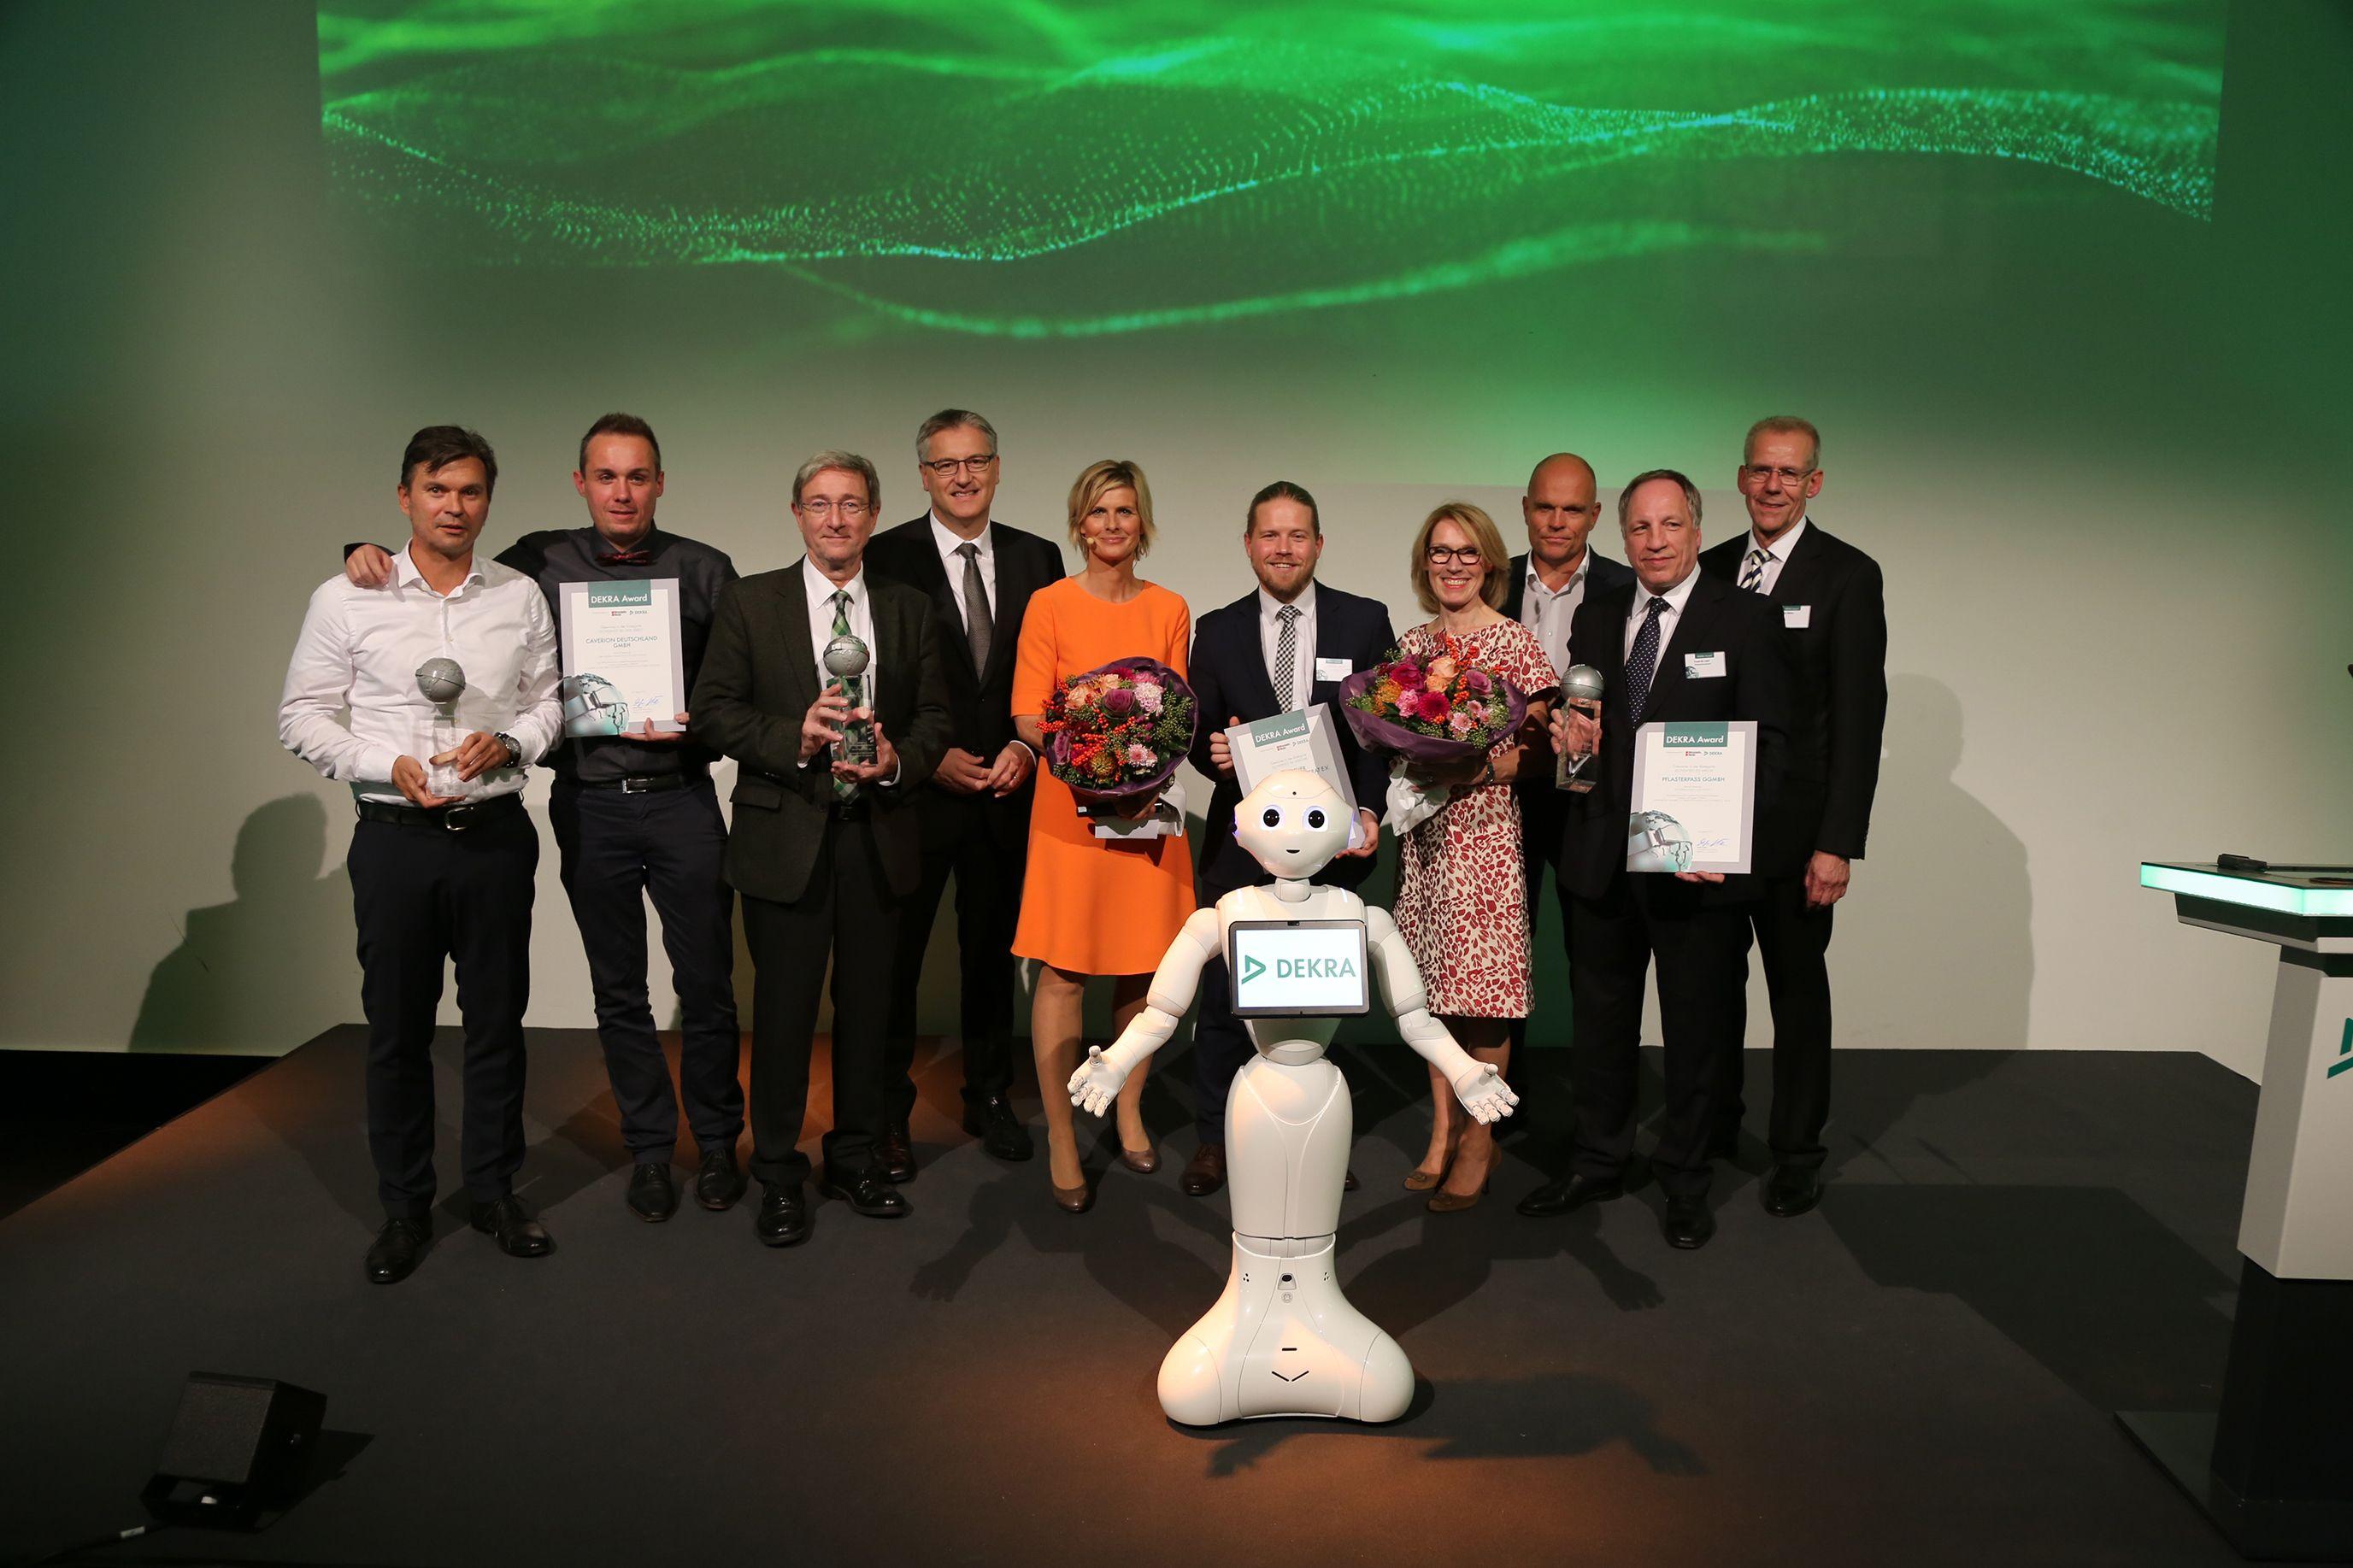 Gewinner des DEKRA Awards 2017 © DEKRA